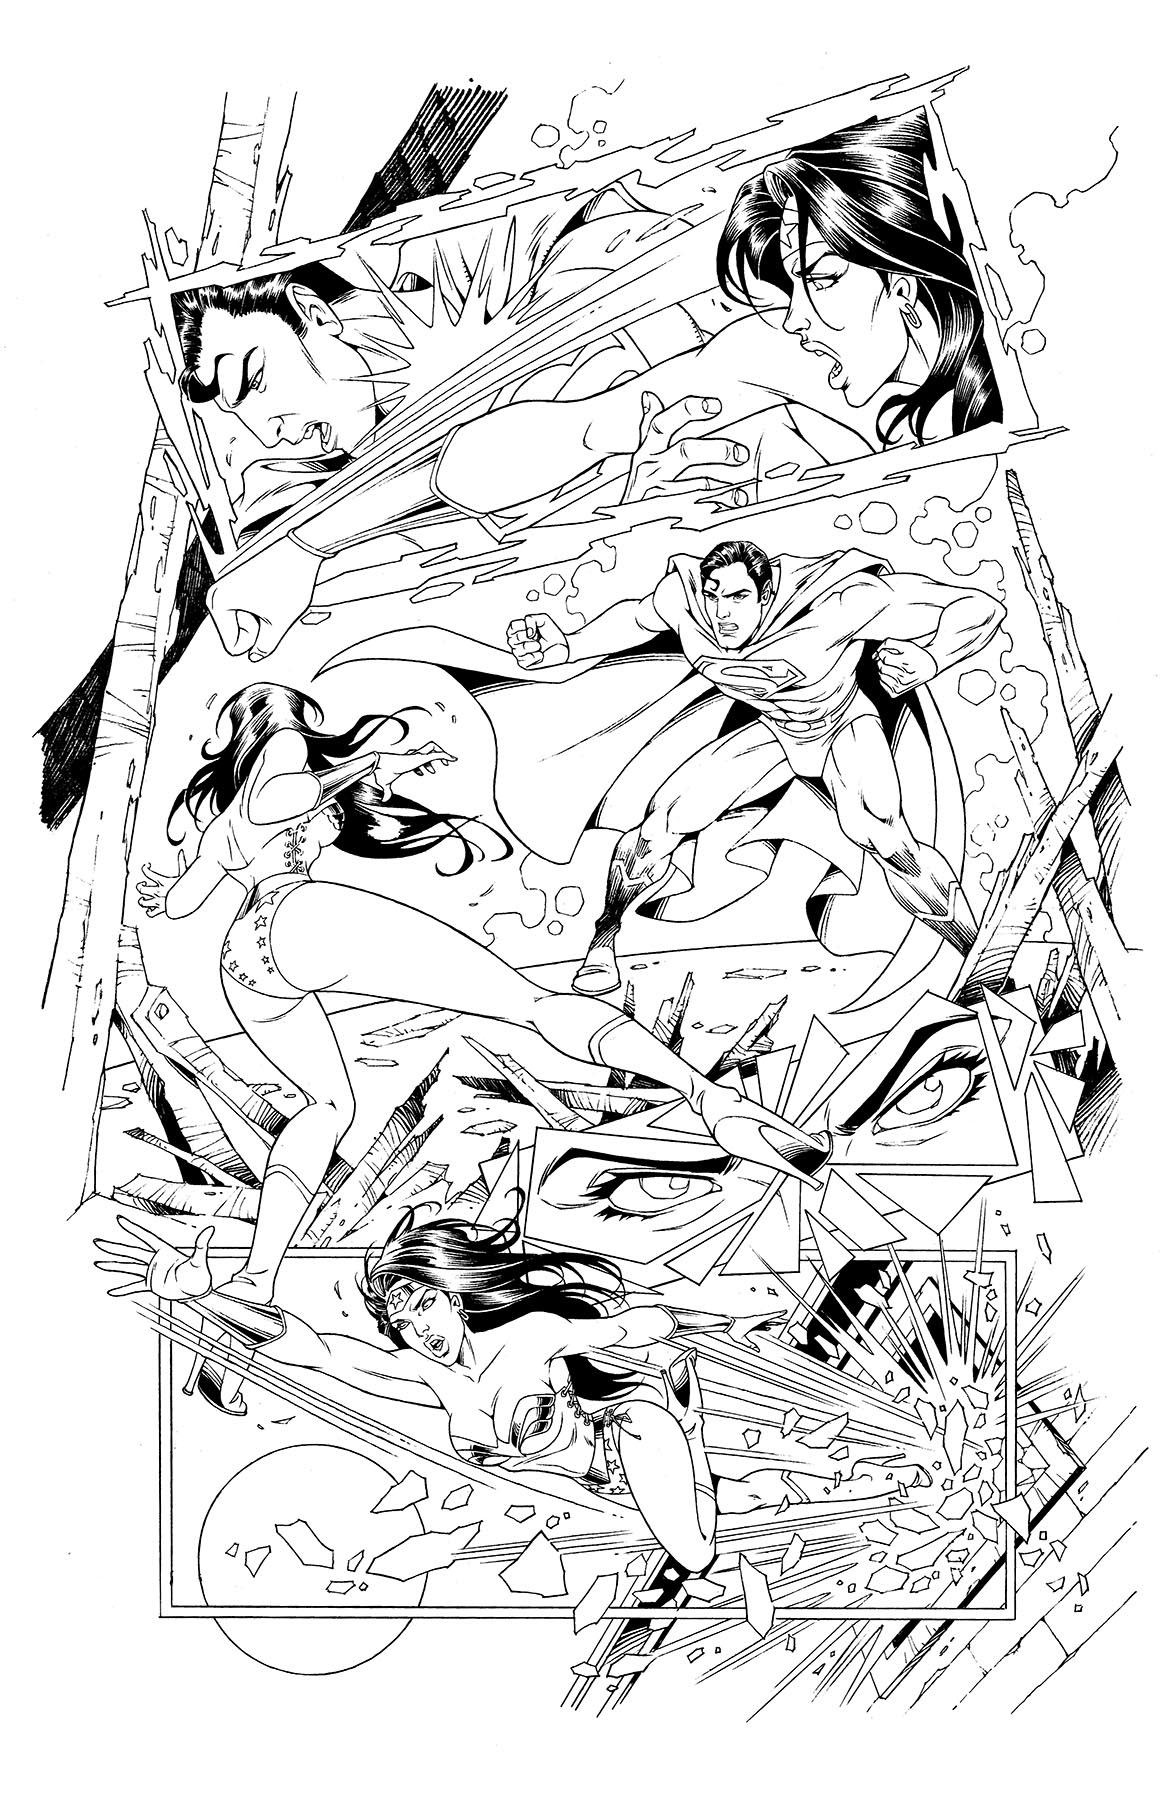 WONDER WOMAN (Page 4) line art by Jinky Coronado